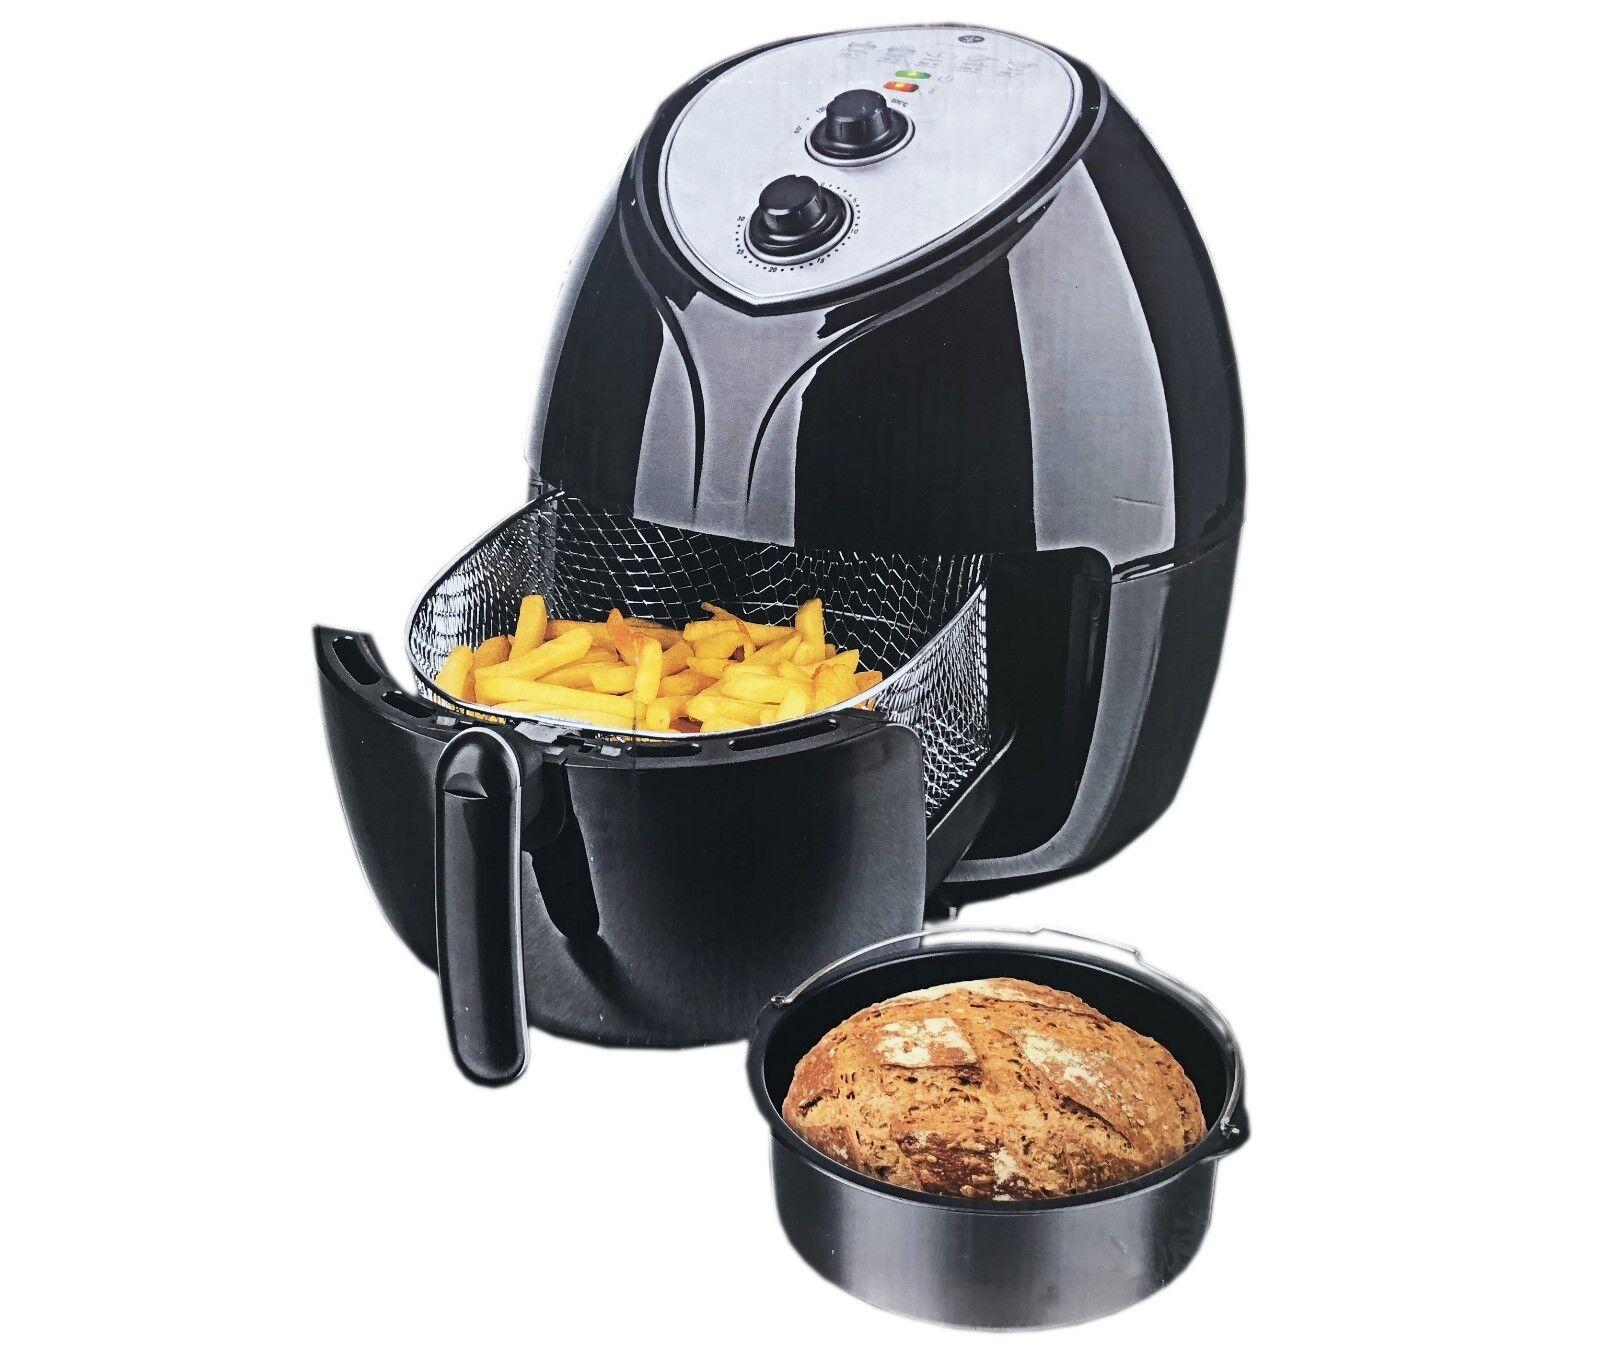 Kochwerk 9/1 Fritteuse Grill Ofen Heissluftfritteuse Brotbackautomat XXL 5,5L S